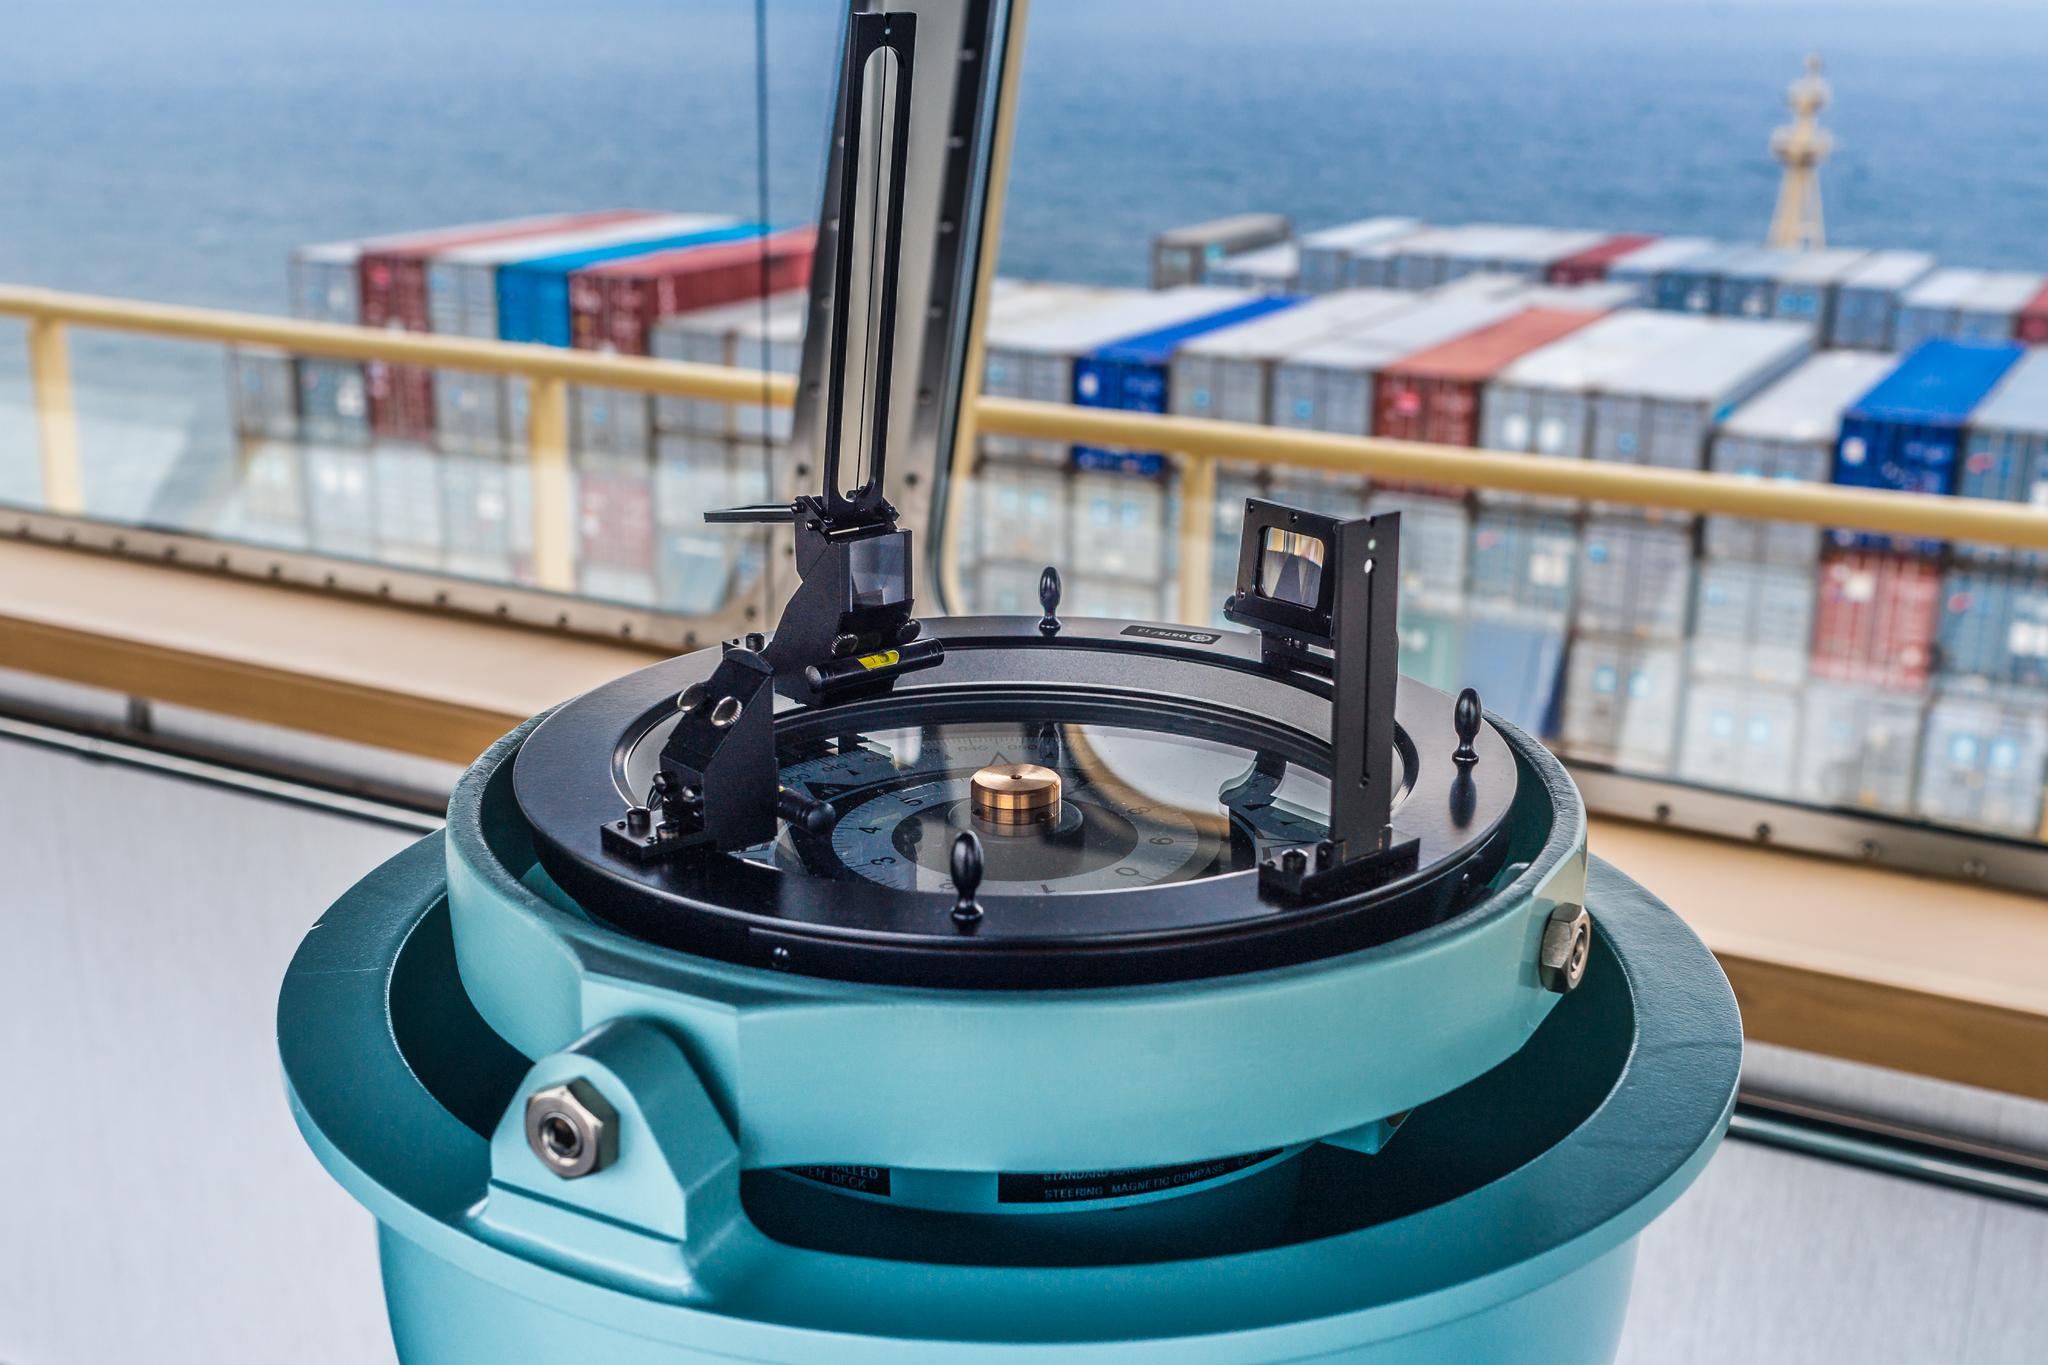 Busola okrętowa. Na mostku Mayview Maersk znajdują się trzy takie instrumenty, po jednym na każdą konsolę nawigacyjną (fot. Robert Urbaniak)